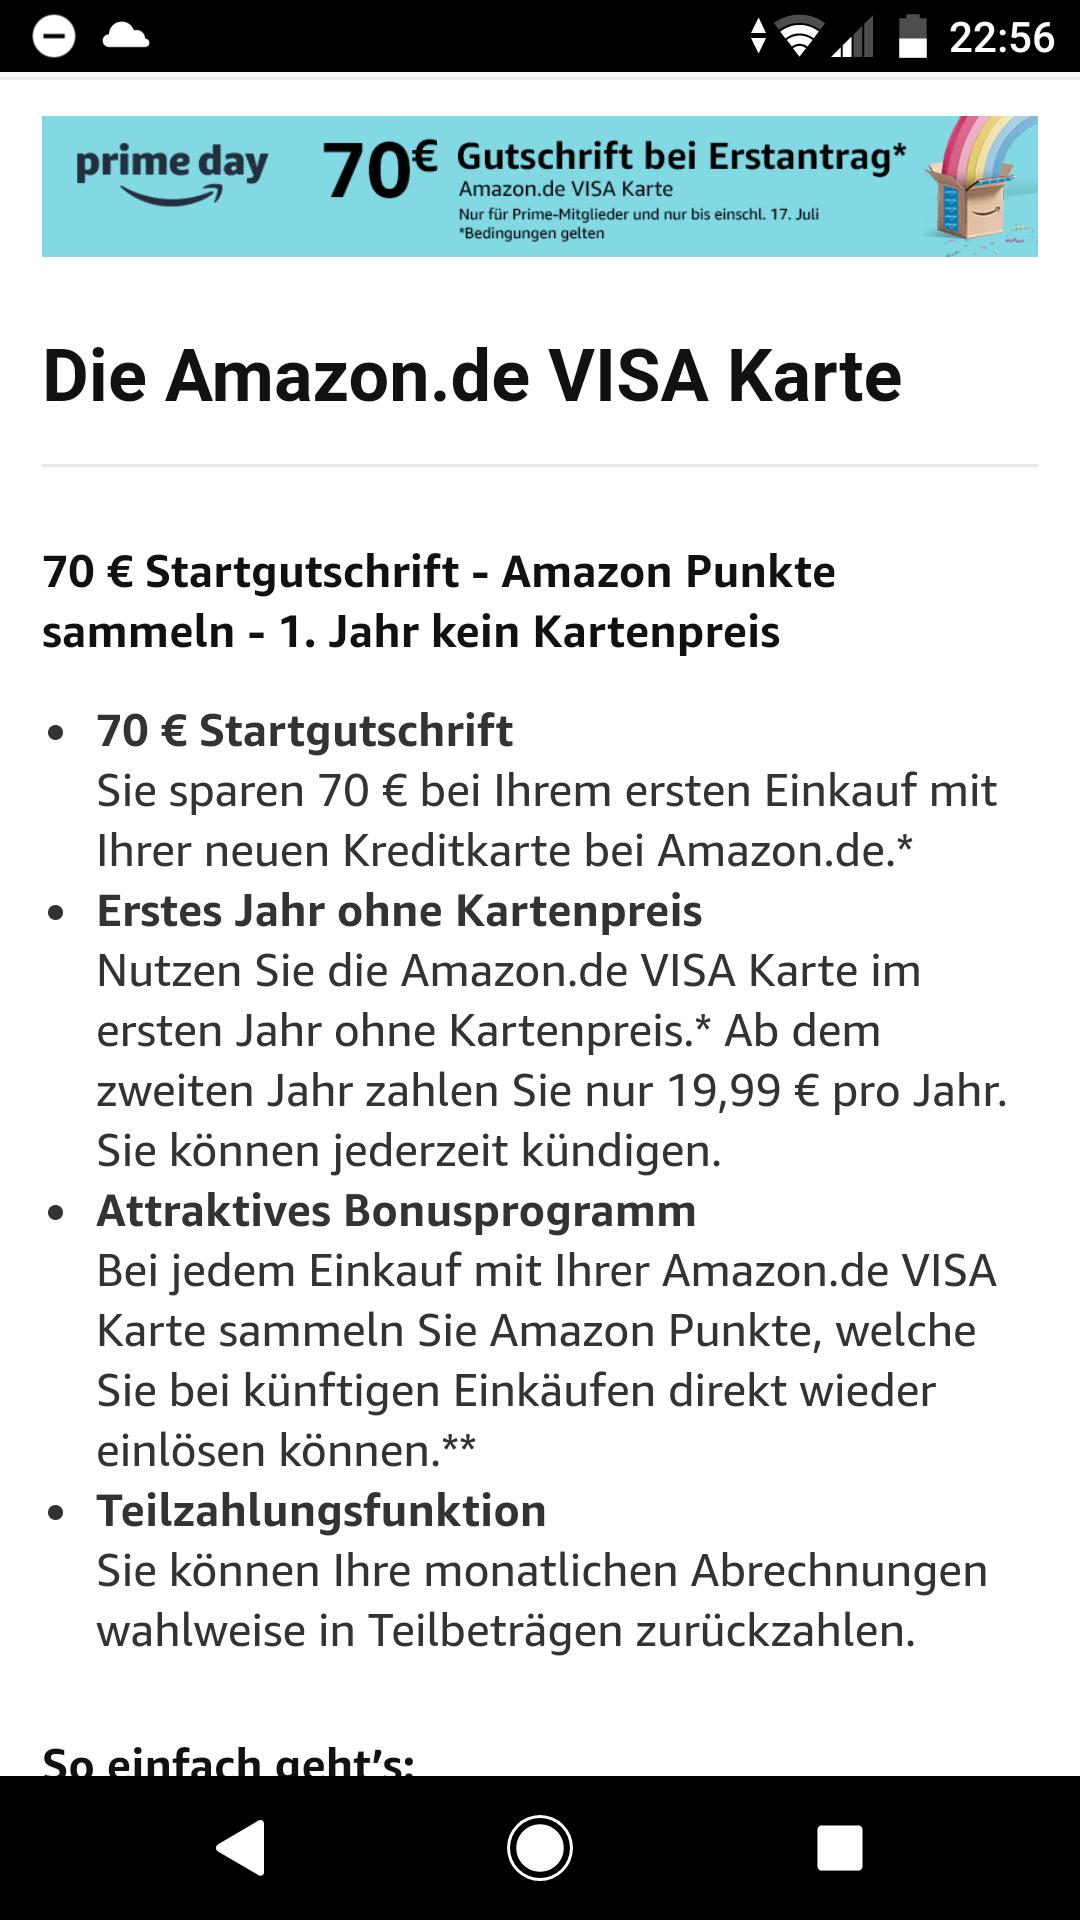 [prime] Amazon Visa mit 70 € Startguthaben für Neukunden